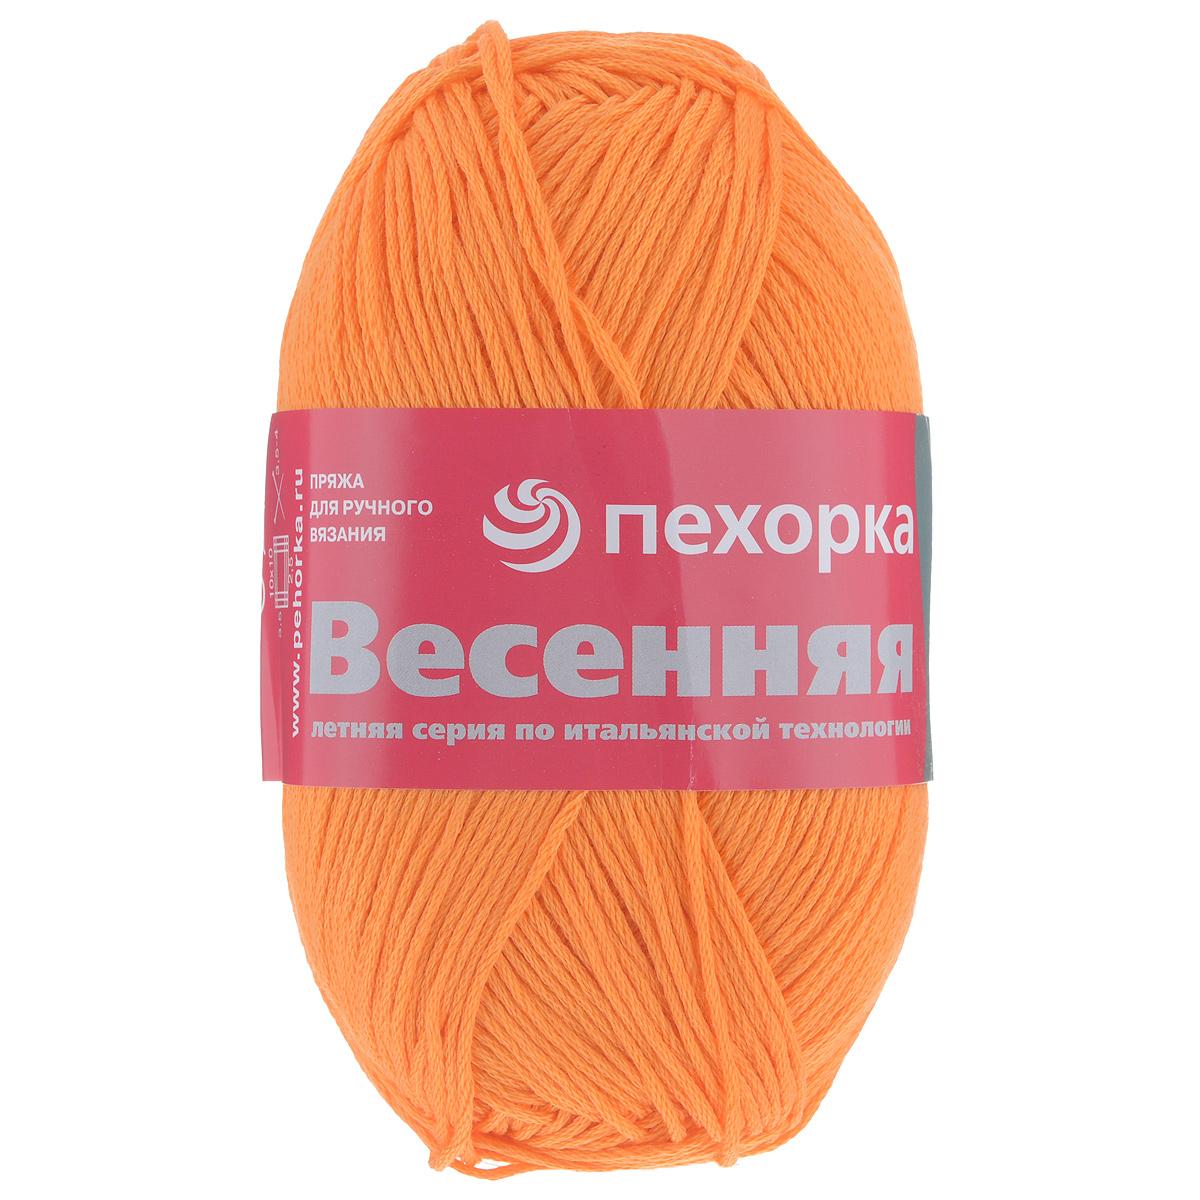 Пряжа для вязания Пехорка Весенняя, цвет: желто-оранжевый (485), 250 м, 100 г, 5 шт360069_485_485-желто-оранжевыйФактура пряжи Пехорка Весенняя представлена стабильной веревочкой. Изготовлена из 100% мерсеризованного хлопка. Толщина нити идеально подходит для изделий, которые можно носить в летнюю прохладную погоду. Гигиенична, гигроскопична, приятна для тела. Рекомендуемый размер спиц №3,5-4. Состав: 100% мерсеризованный хлопок. Количество мотков: 5.